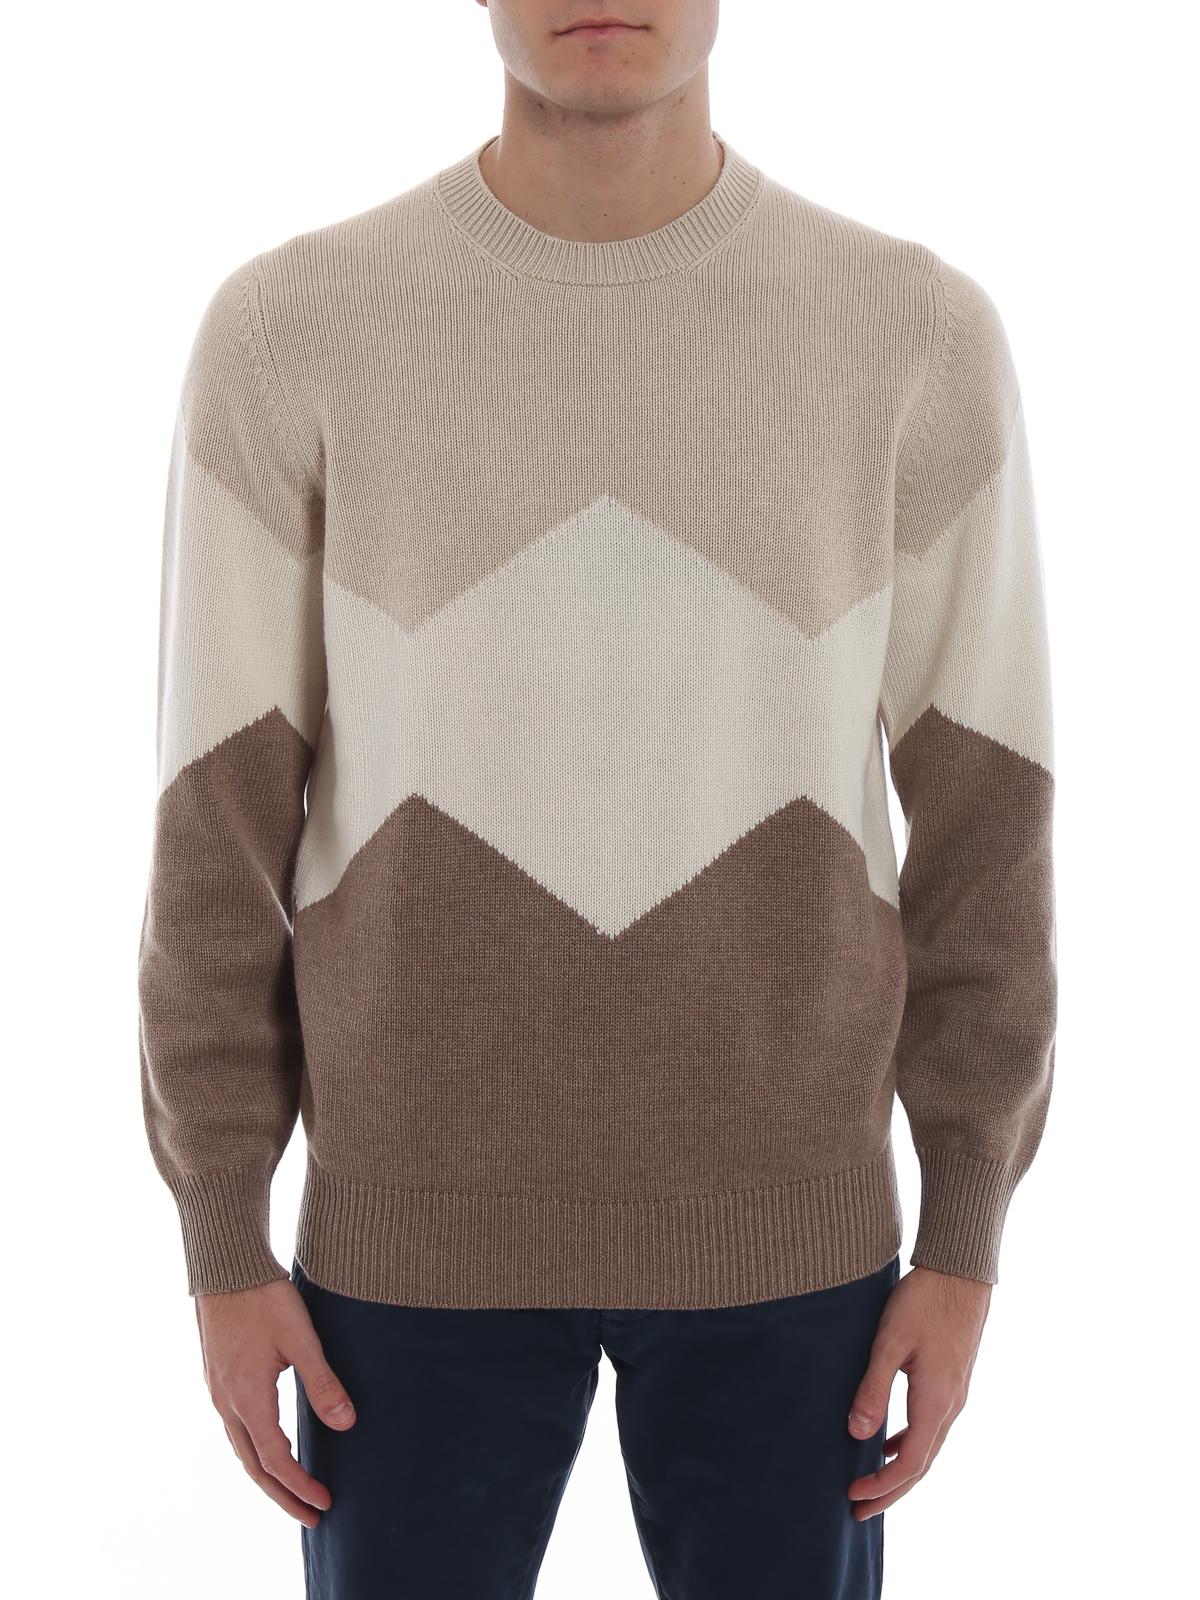 online store add0b 1de22 Brunello Cucinelli - Colour block cashmere sweater - crew ...